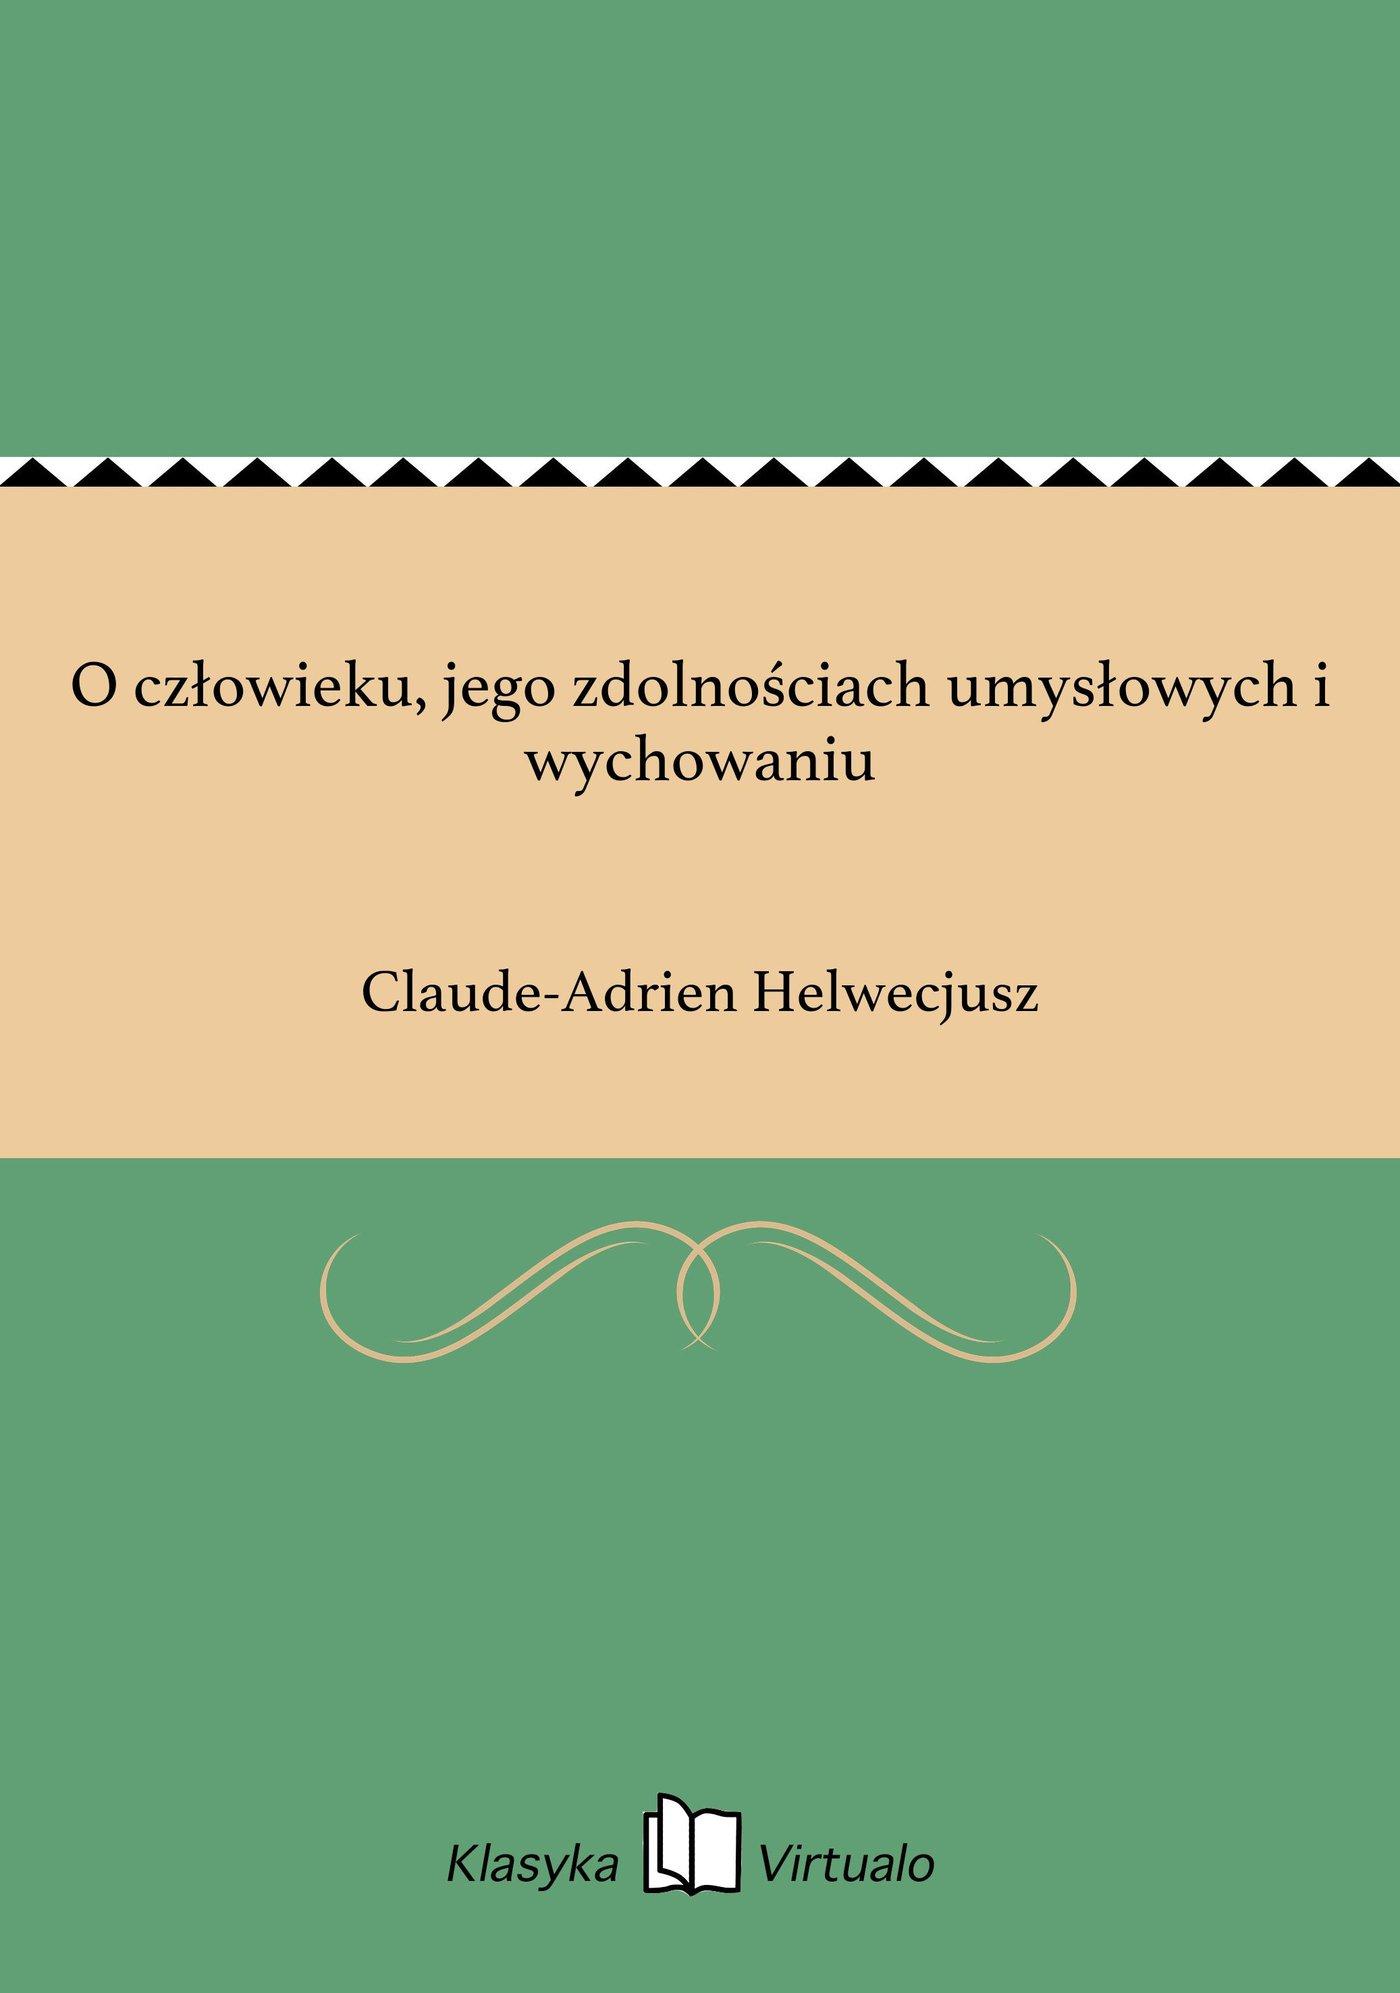 O człowieku, jego zdolnościach umysłowych i wychowaniu - Ebook (Książka na Kindle) do pobrania w formacie MOBI